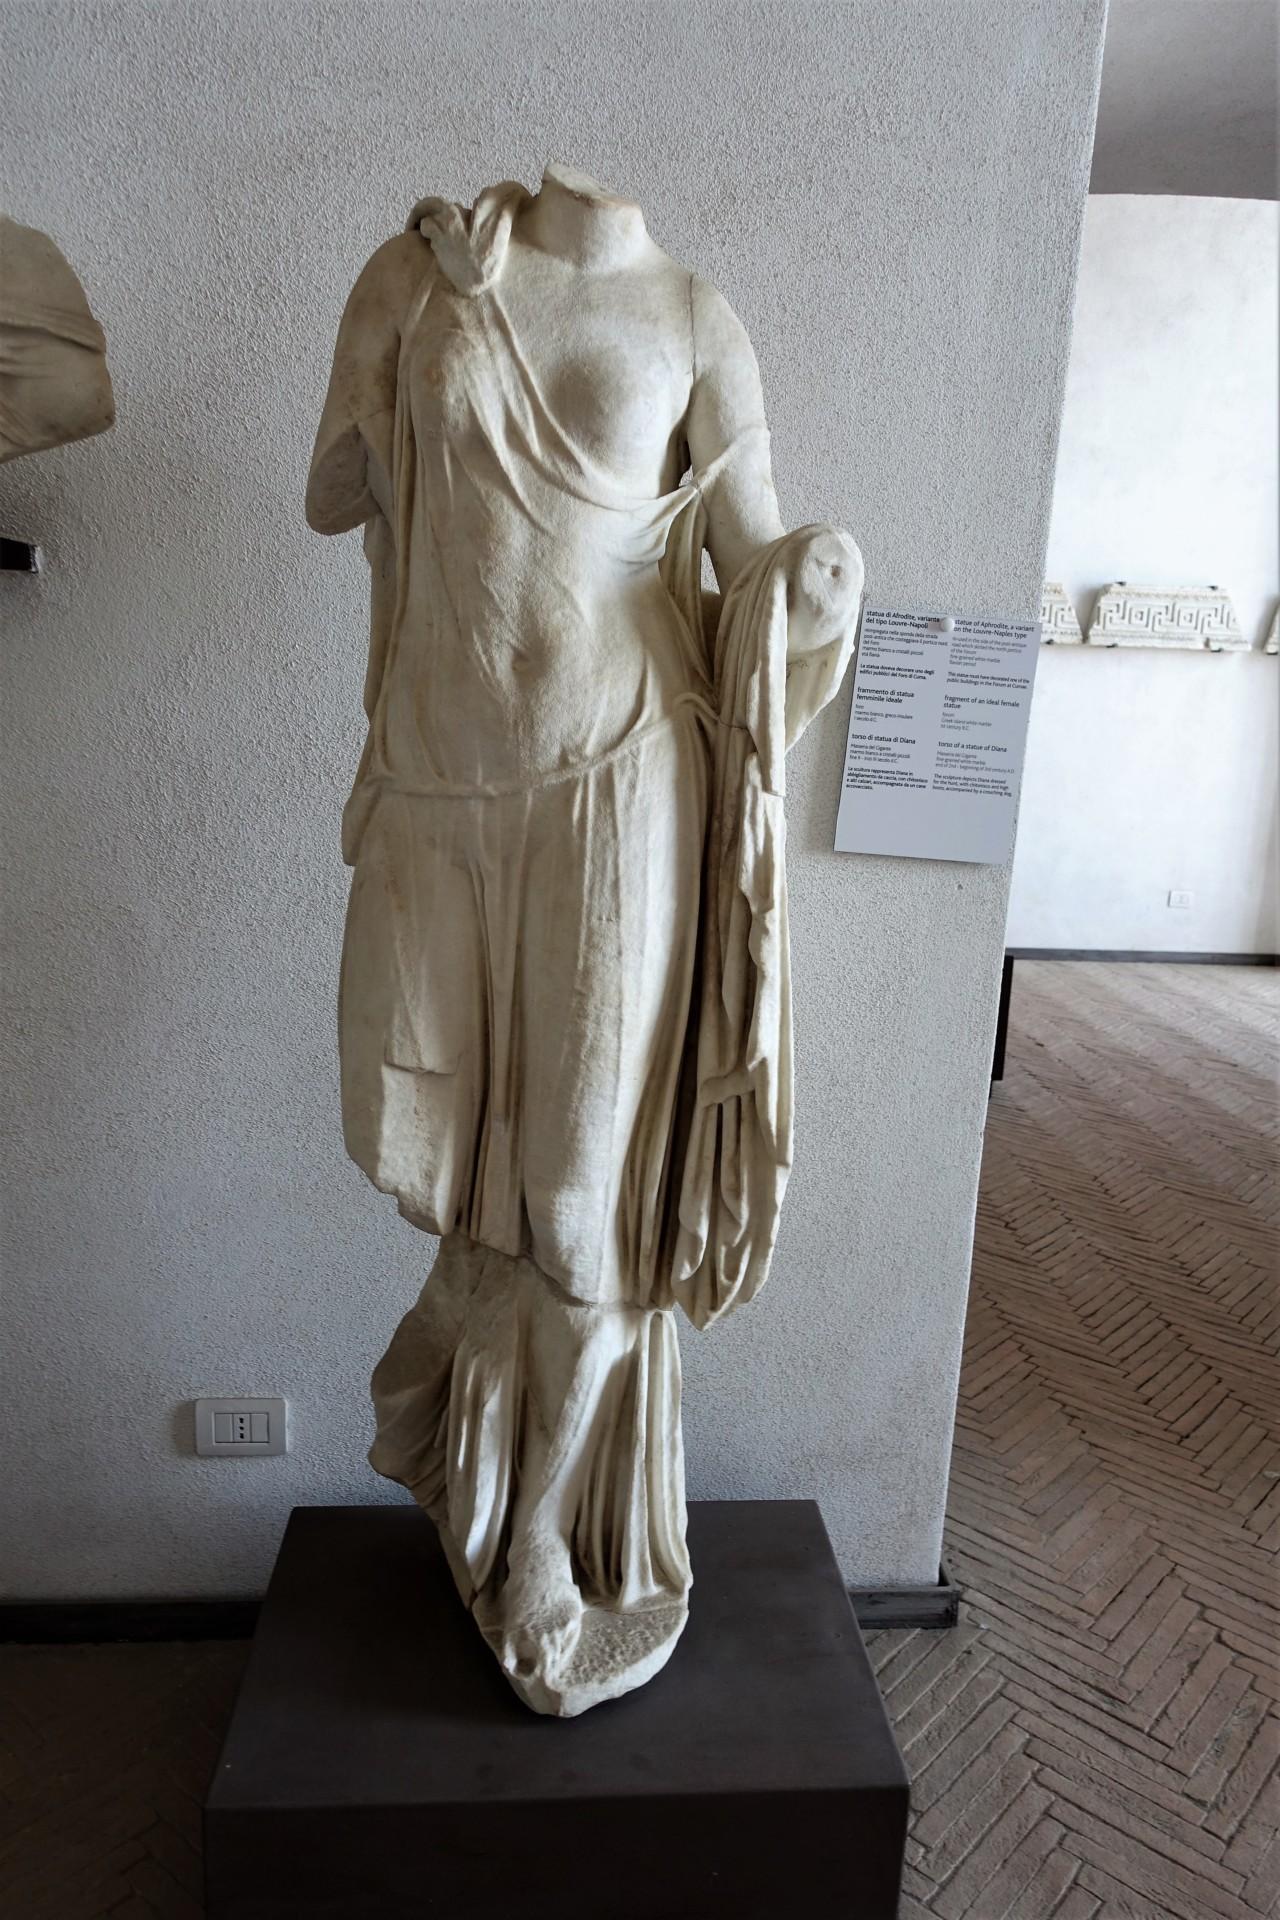 Betörende Römerin im Museum von Baia